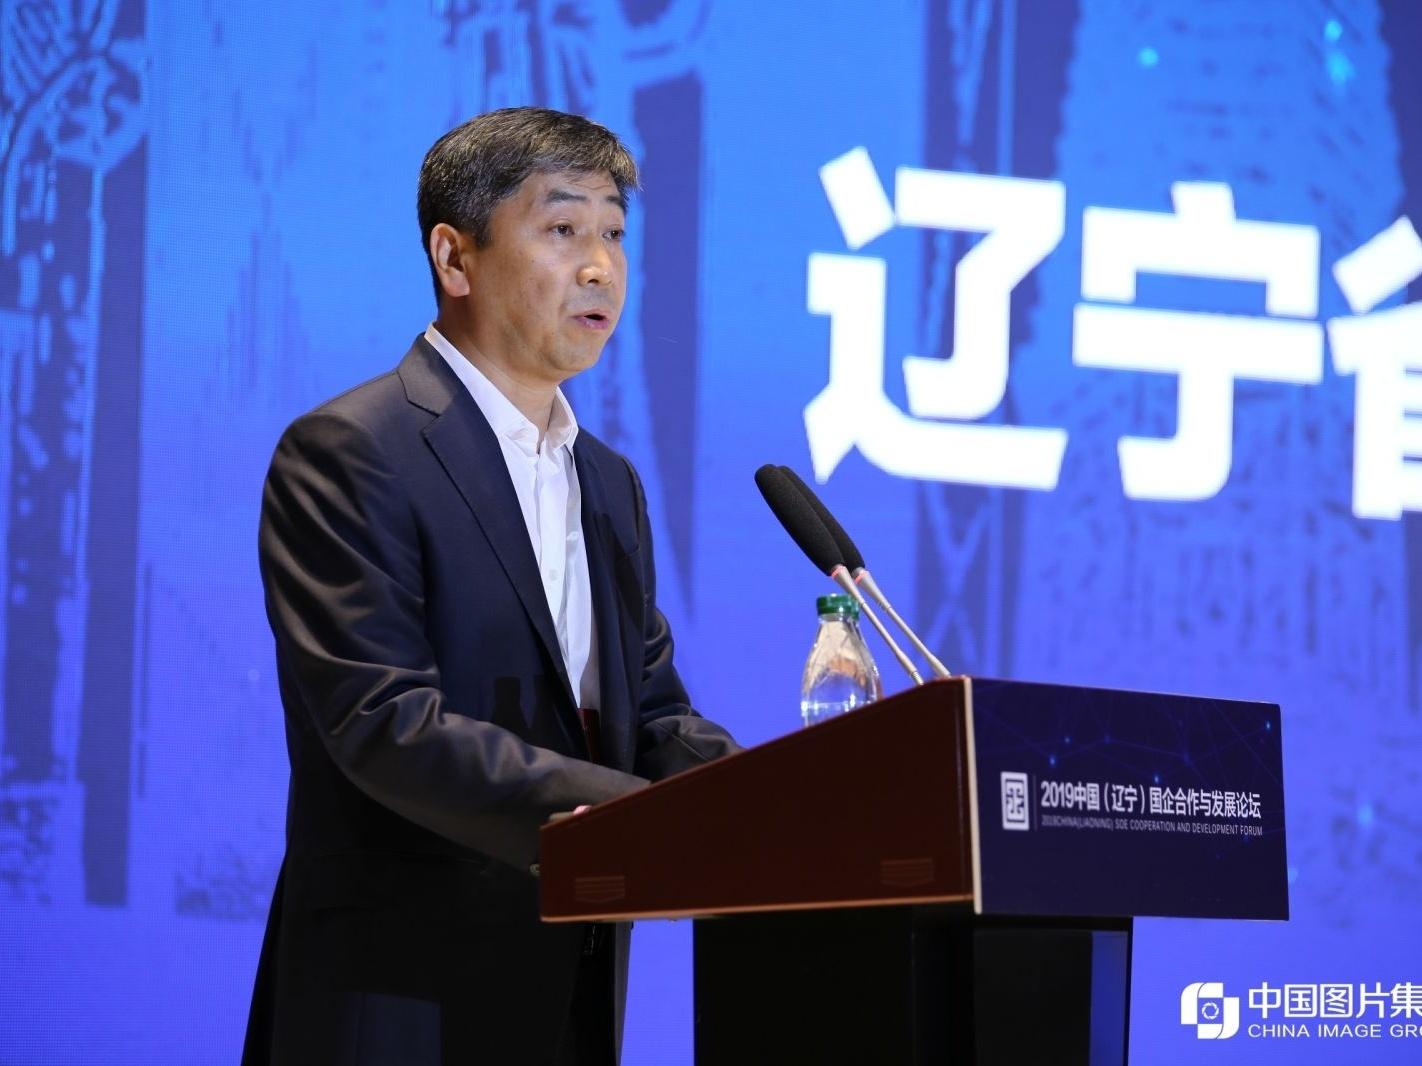 李伟:辽宁国有企业应发挥振兴龙头作用